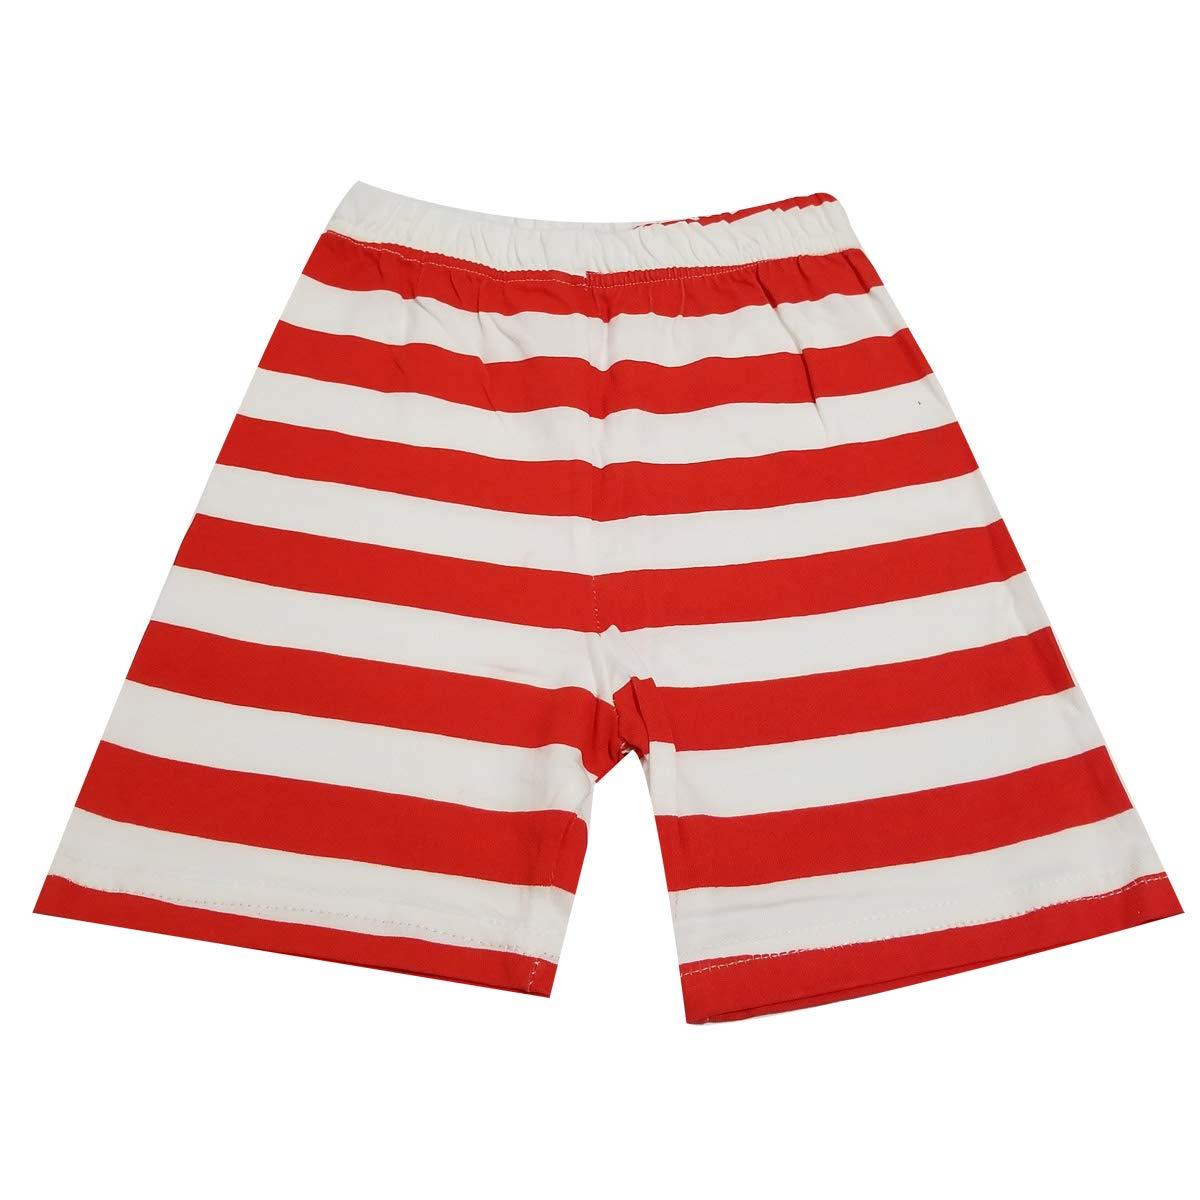 NING Boys Pajamas Set Cute Animals Short Kids Summer Toddler Sleepwear